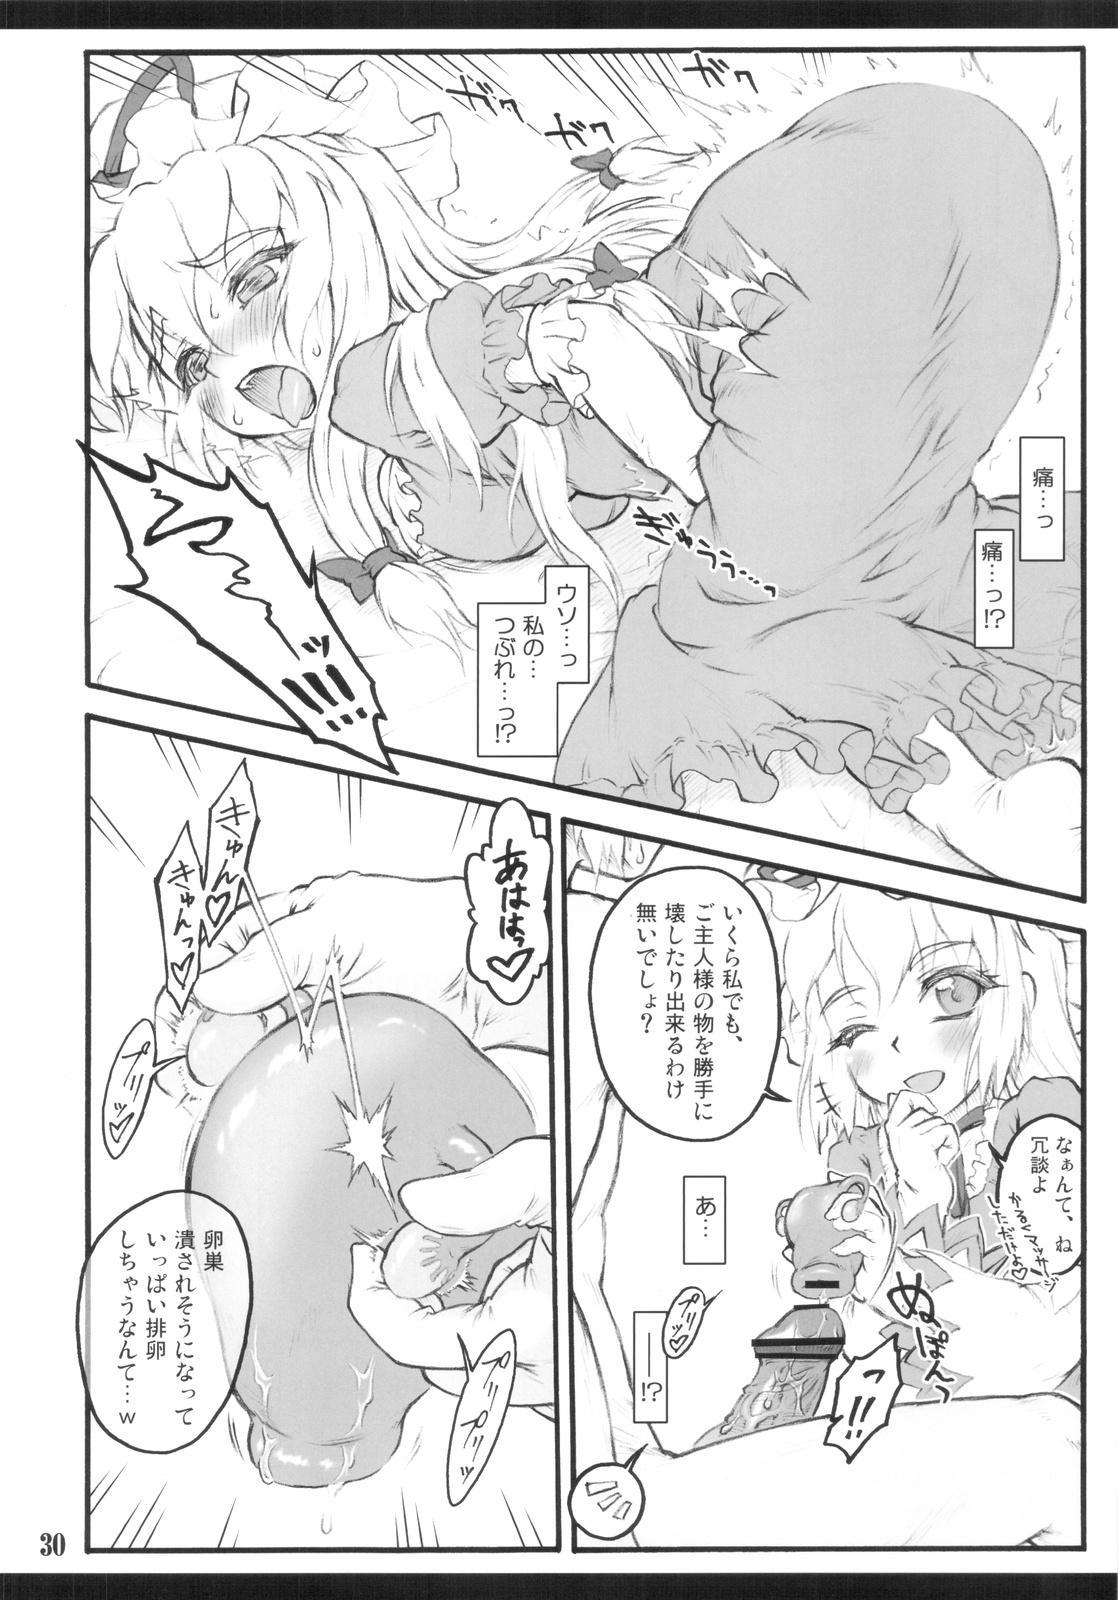 Yukari x Yukari 27